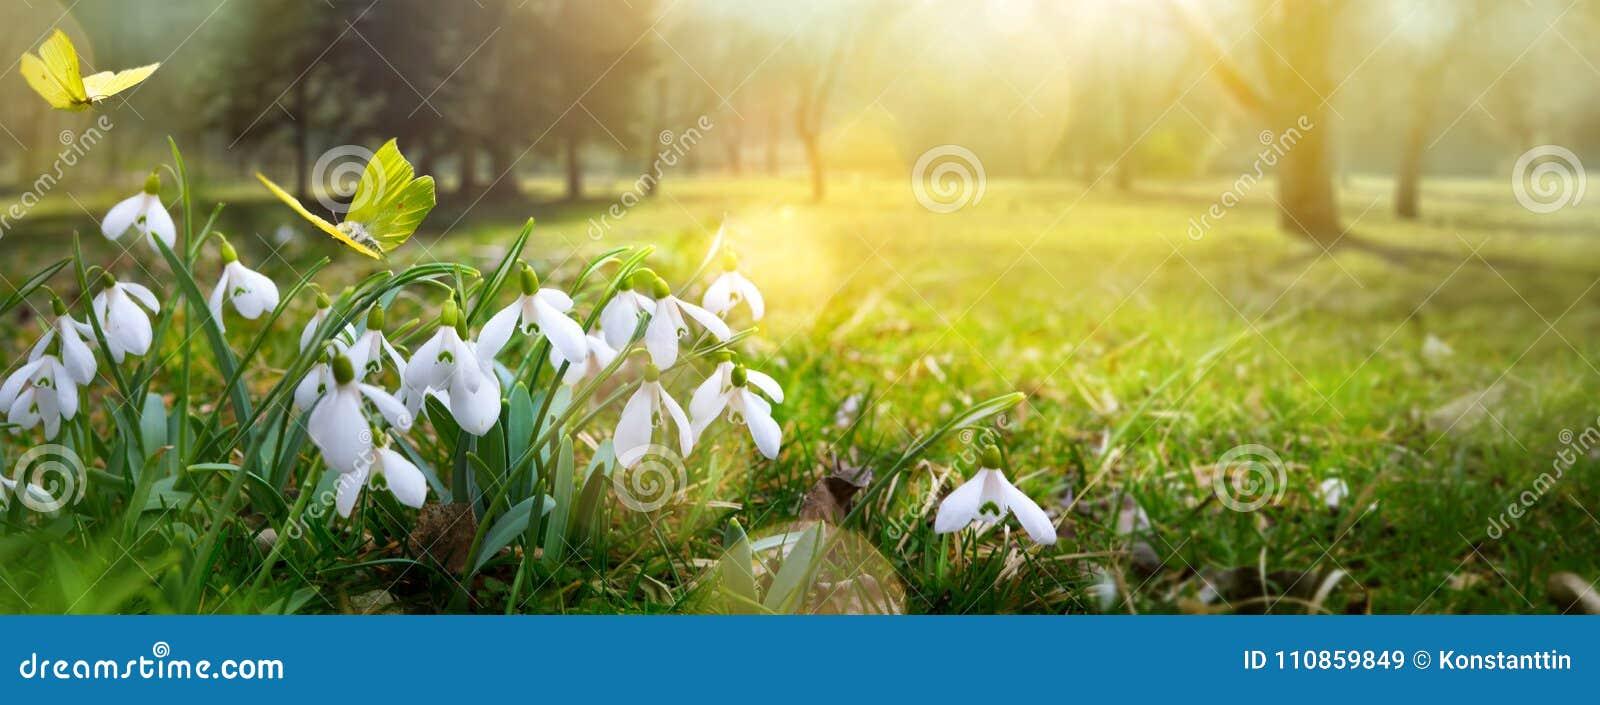 Fondo de la flor de la primavera de Pascua; flor fresca y mariposa